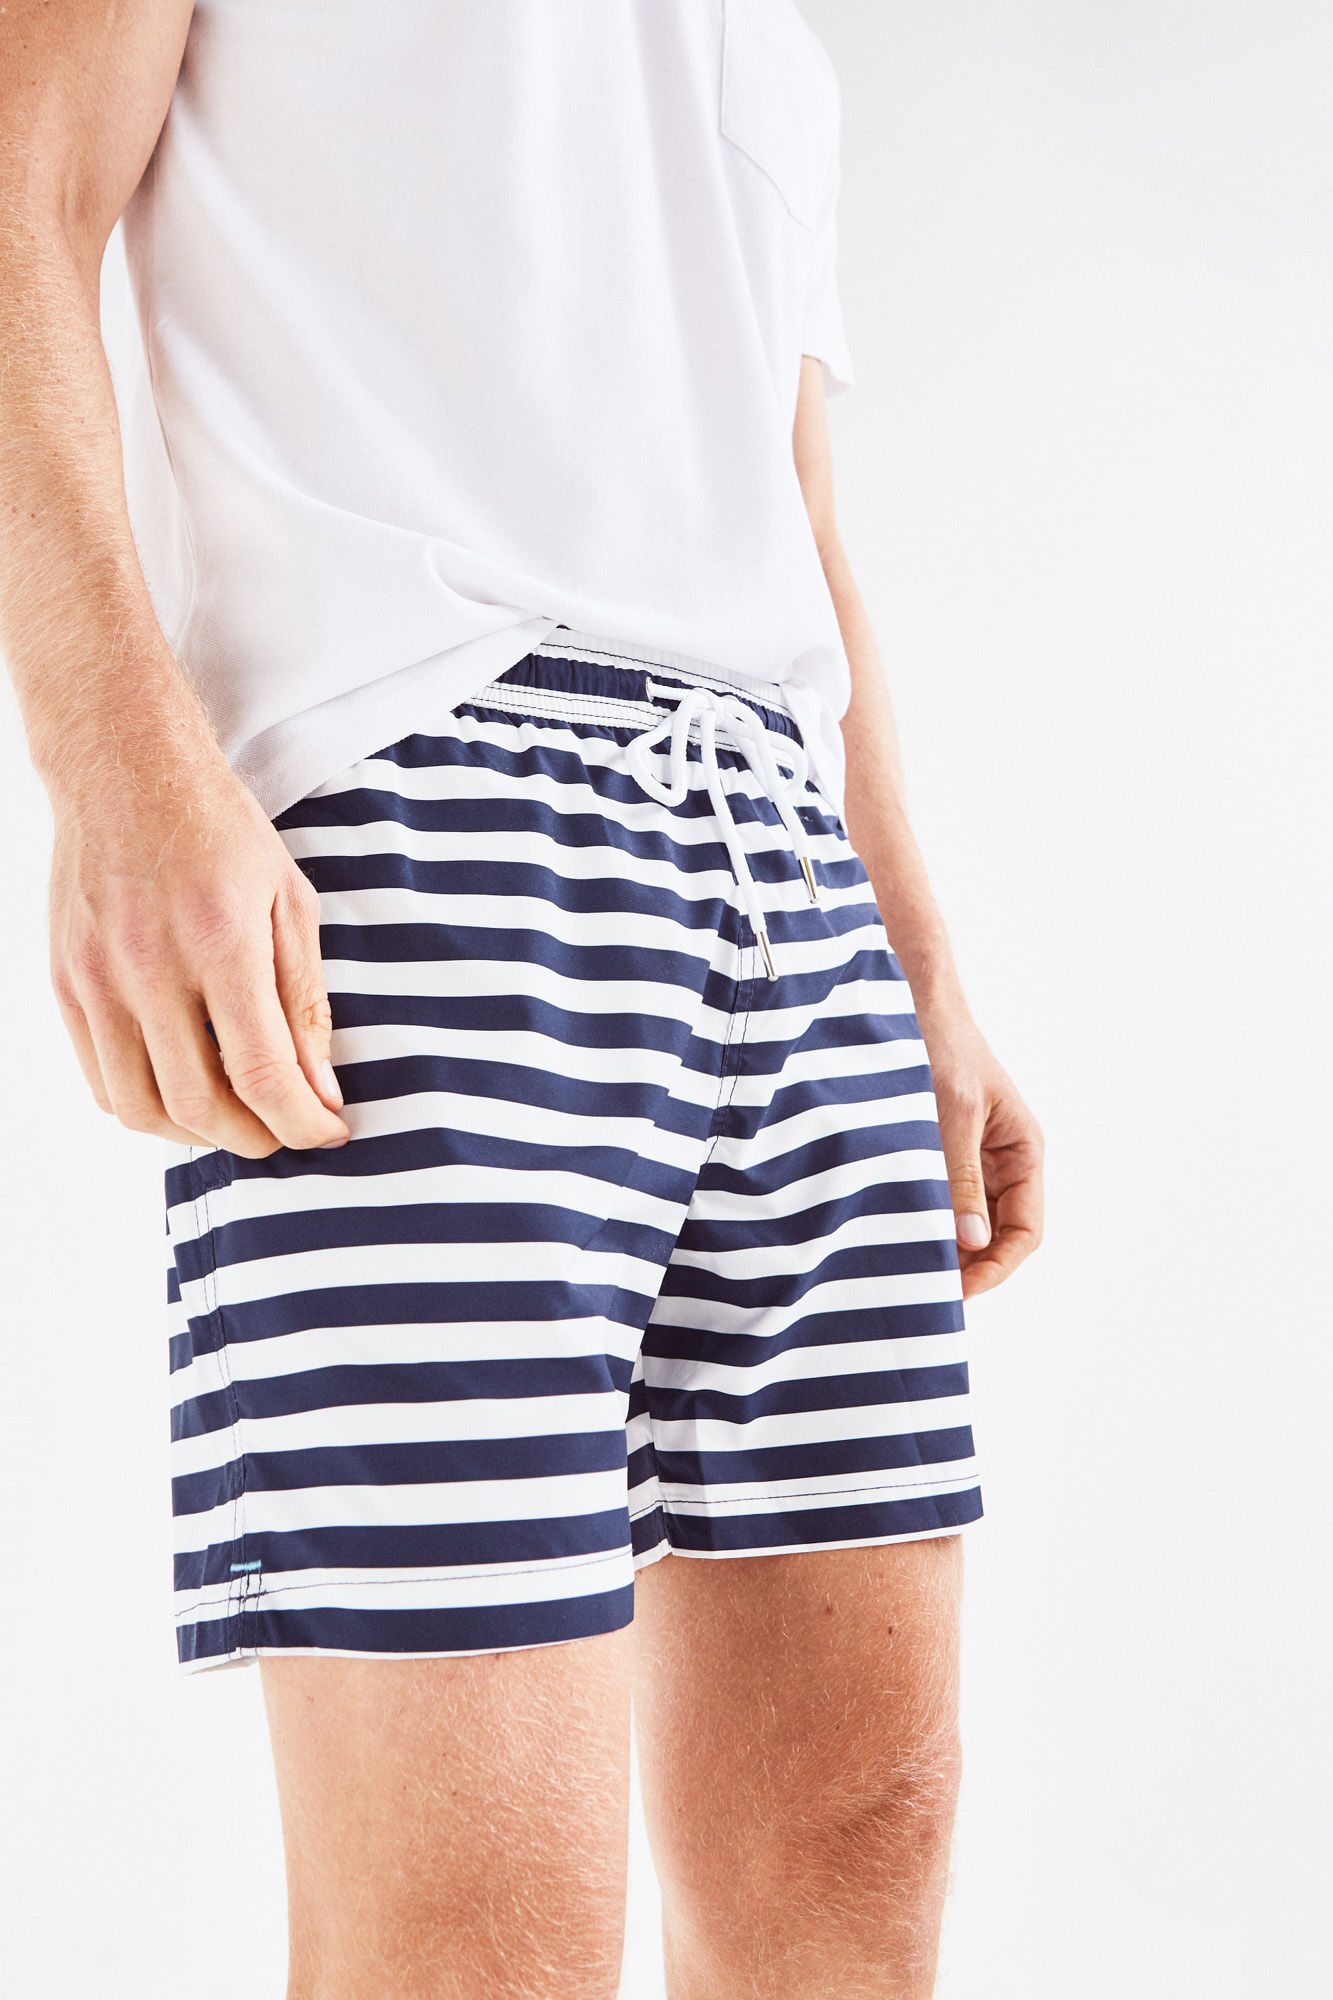 23 calções de banho que vão estar na moda neste verão